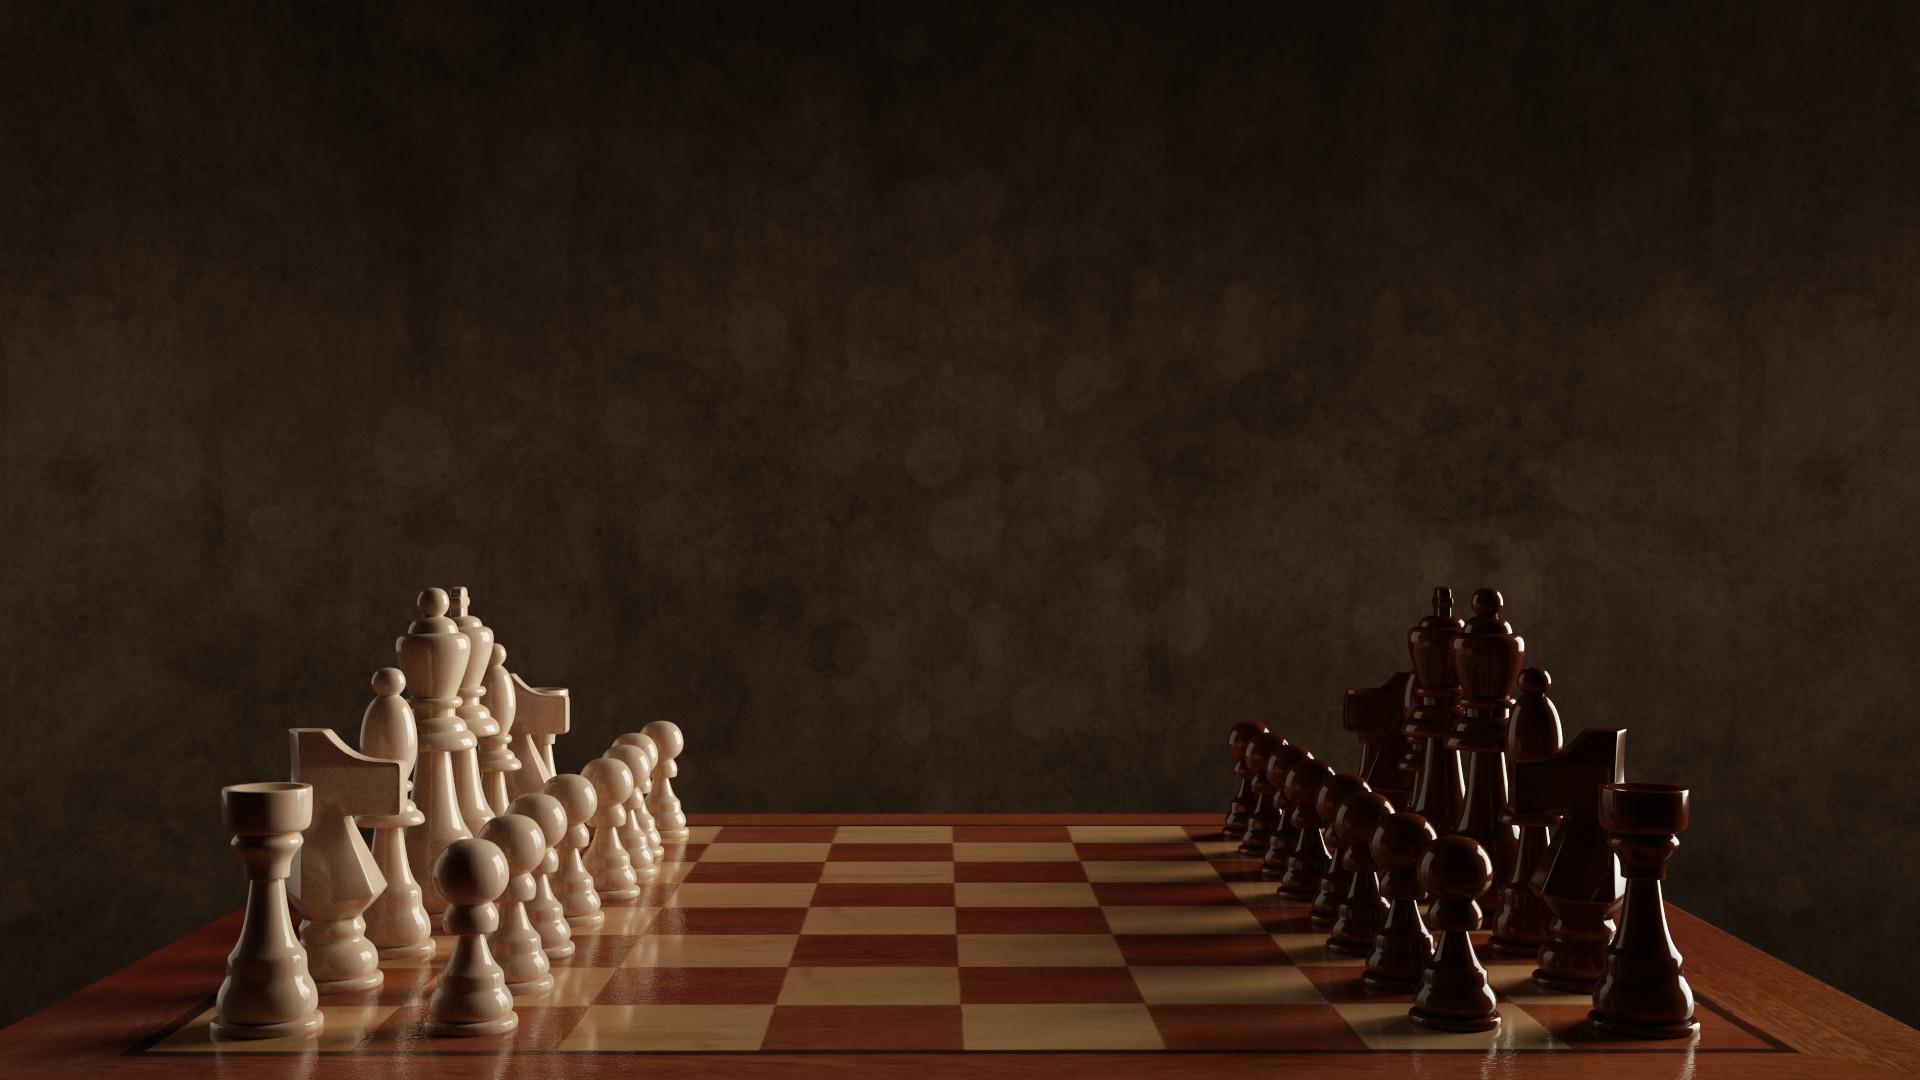 Chris ebbinger chessboard studio lighting